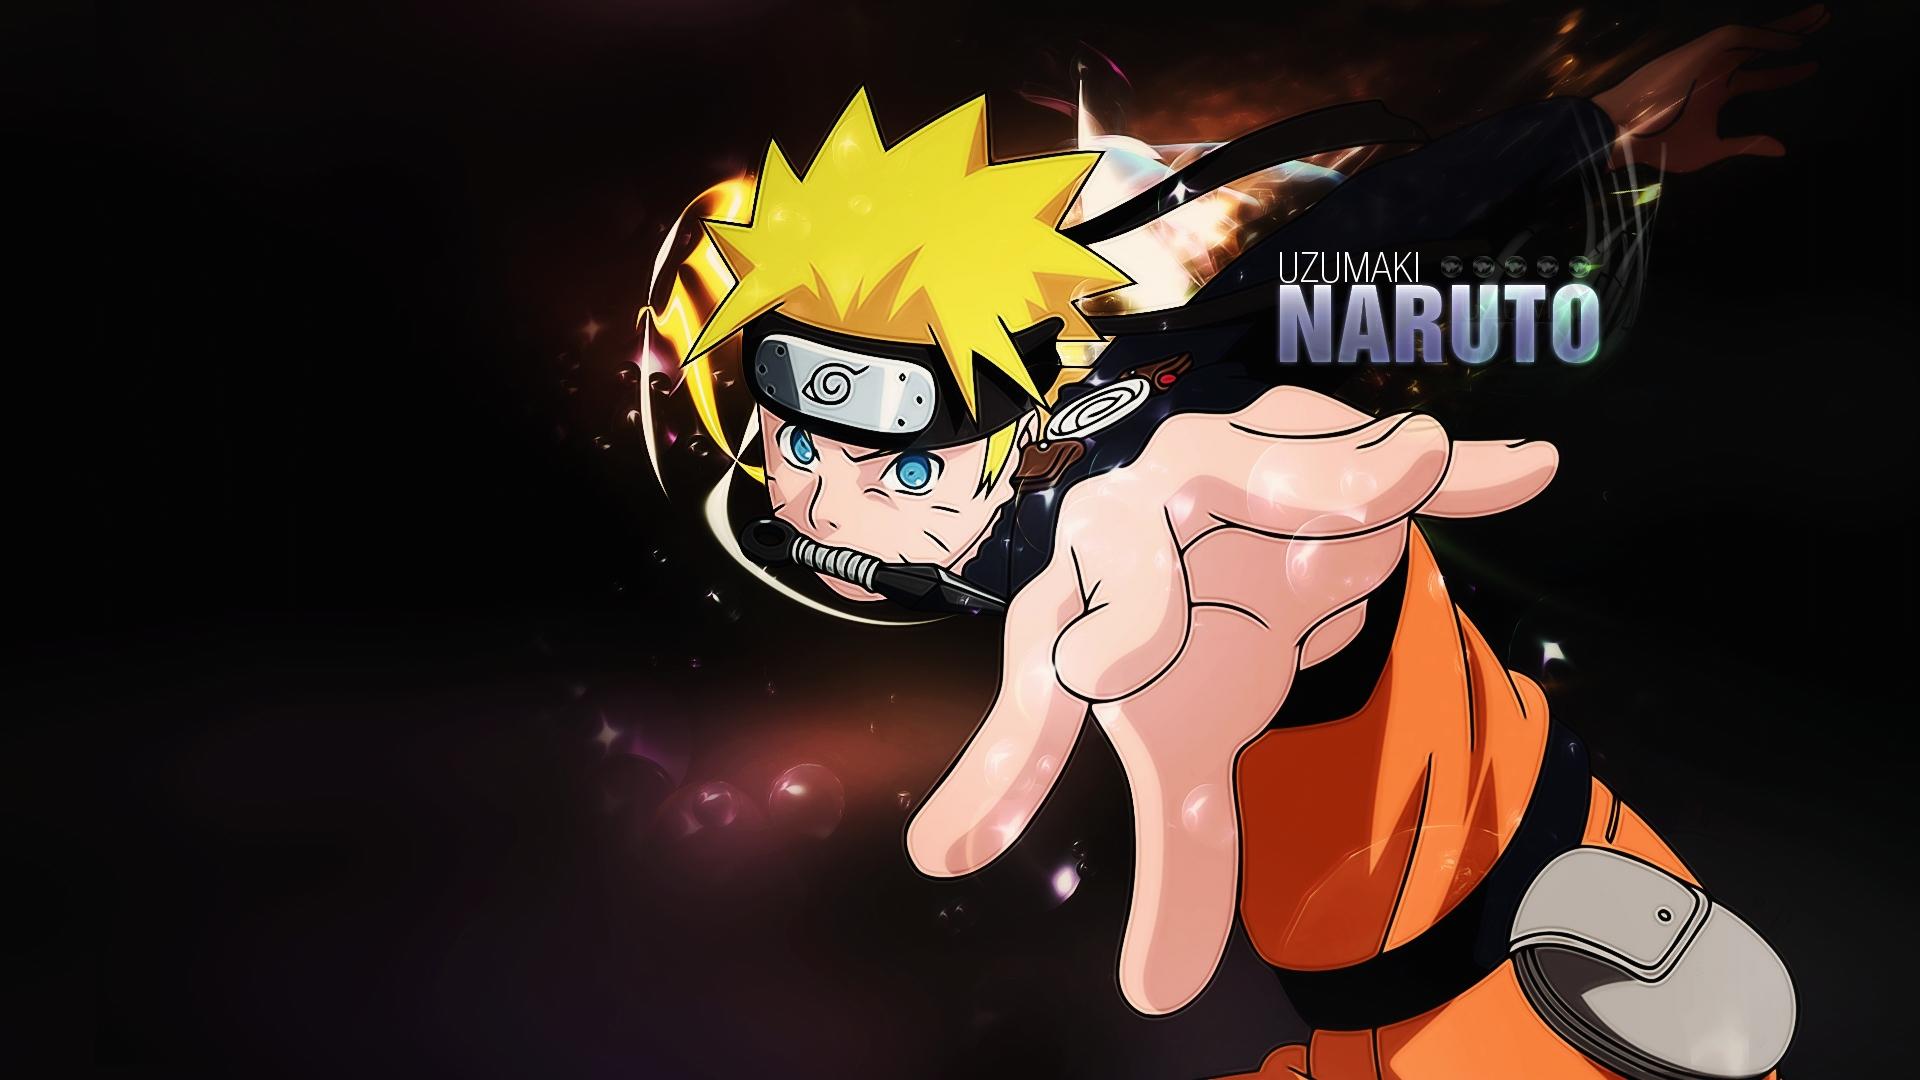 Hd wallpaper naruto - Naruto Shippuden Hd 1080p 10987 Wallpaper